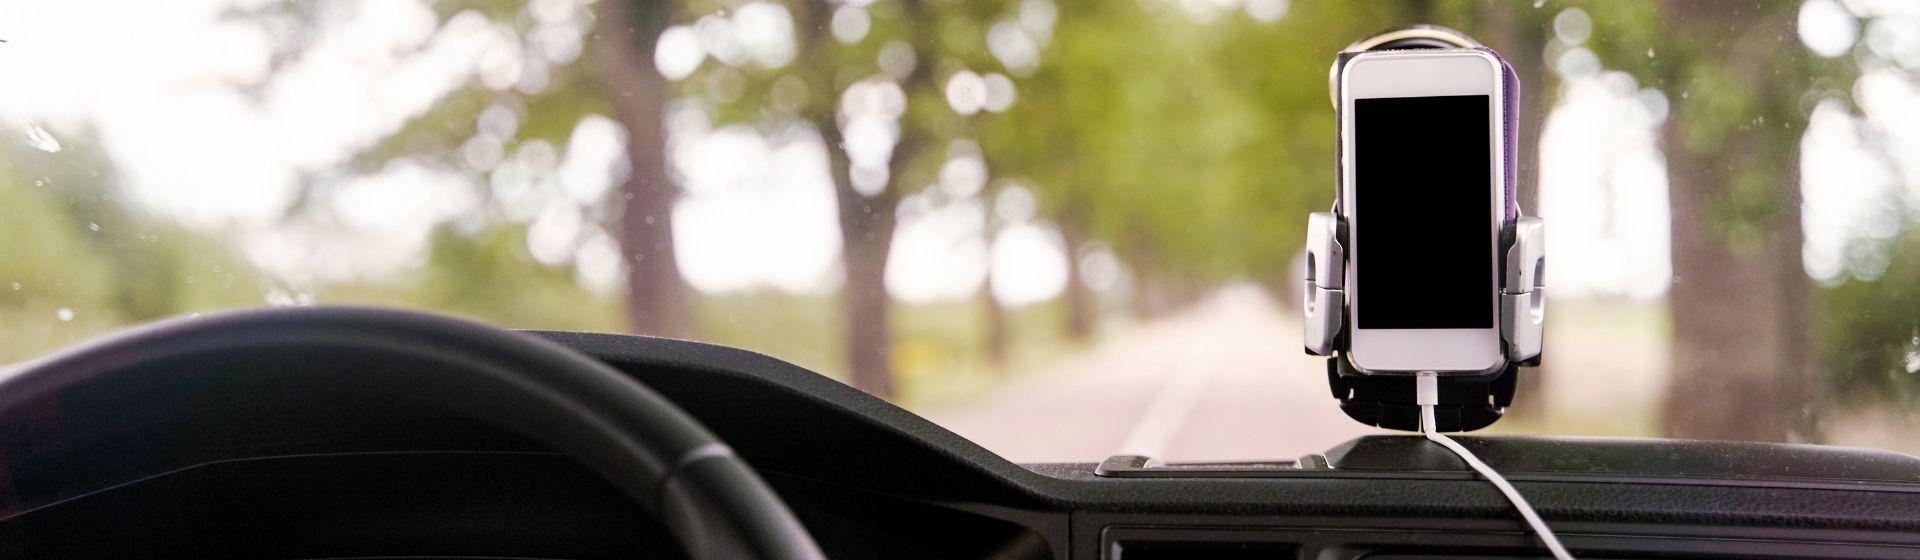 Suporte de celular para carro: conheça as melhores opções